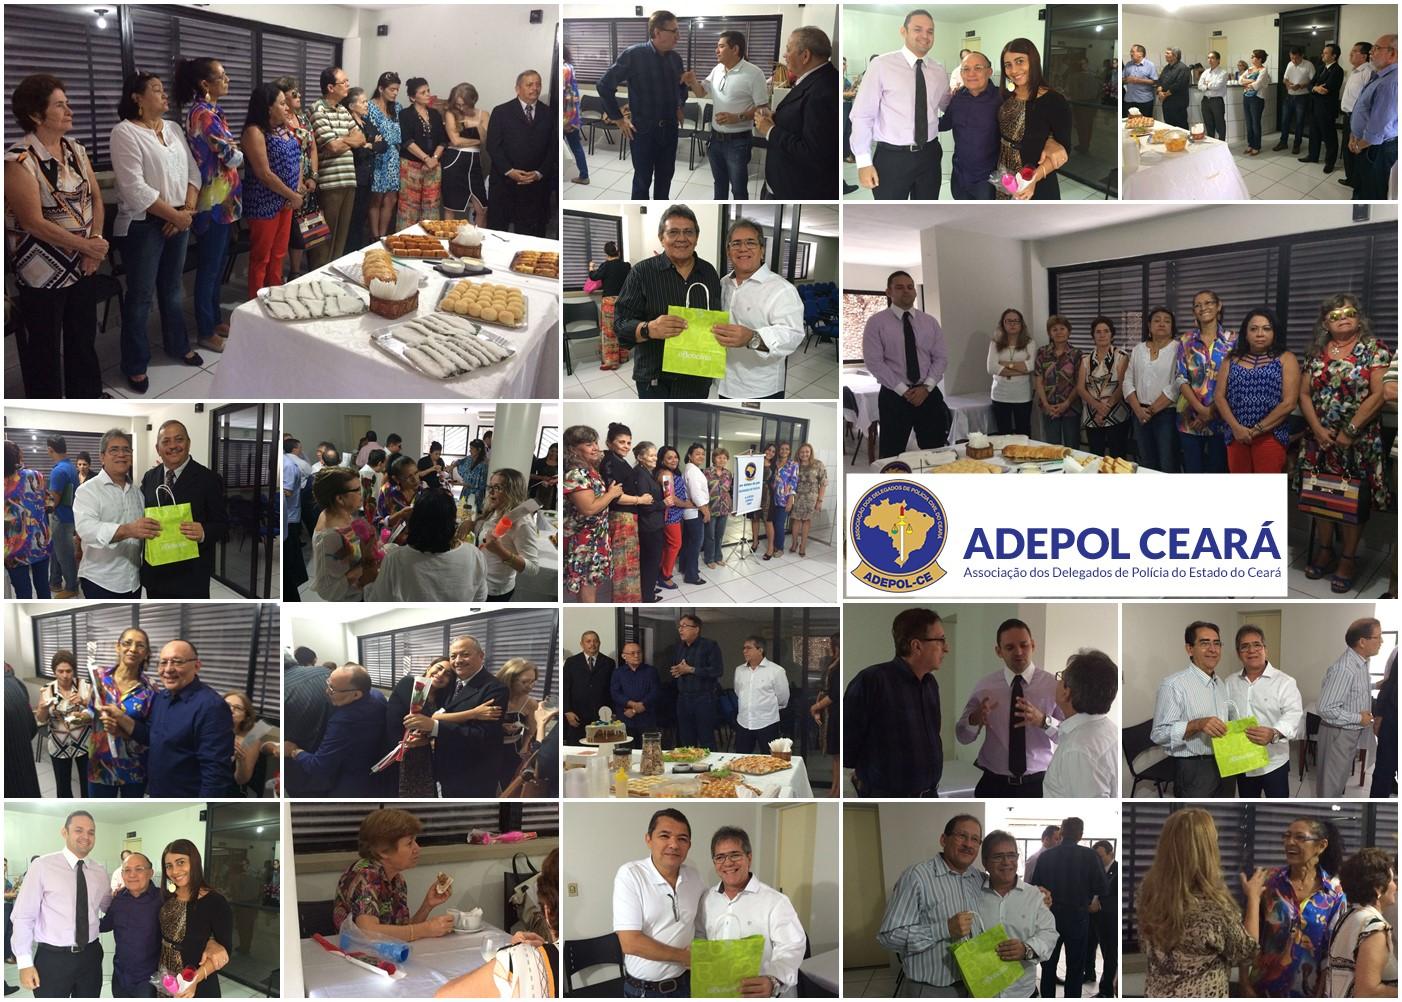 Adepol realiza café da manhã com aniversariantes dos meses de março e abril